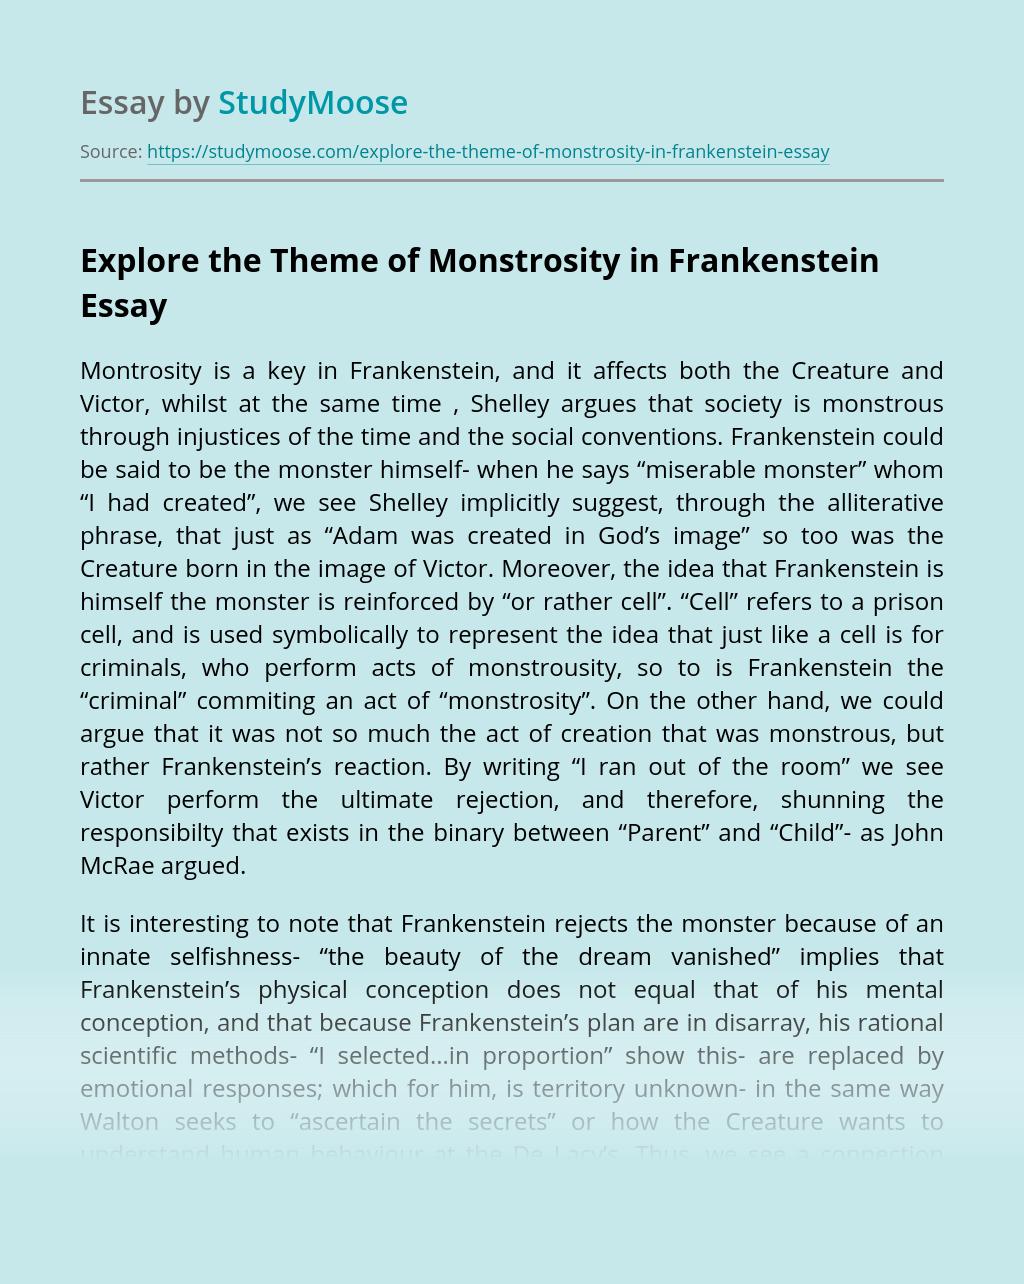 Explore the Theme of Monstrosity in Frankenstein